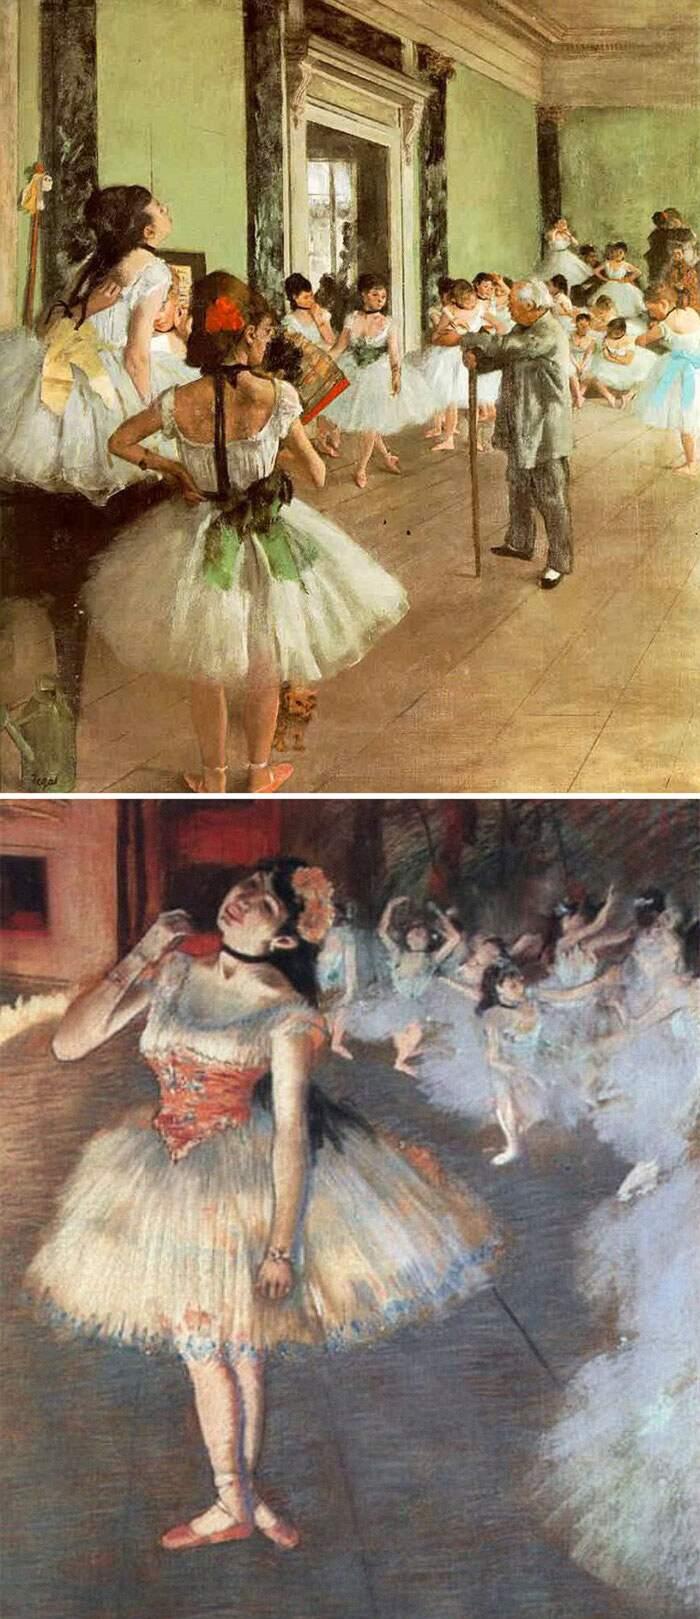 Come riconoscere artisti famosi dai loro quadri, Edgar Degas